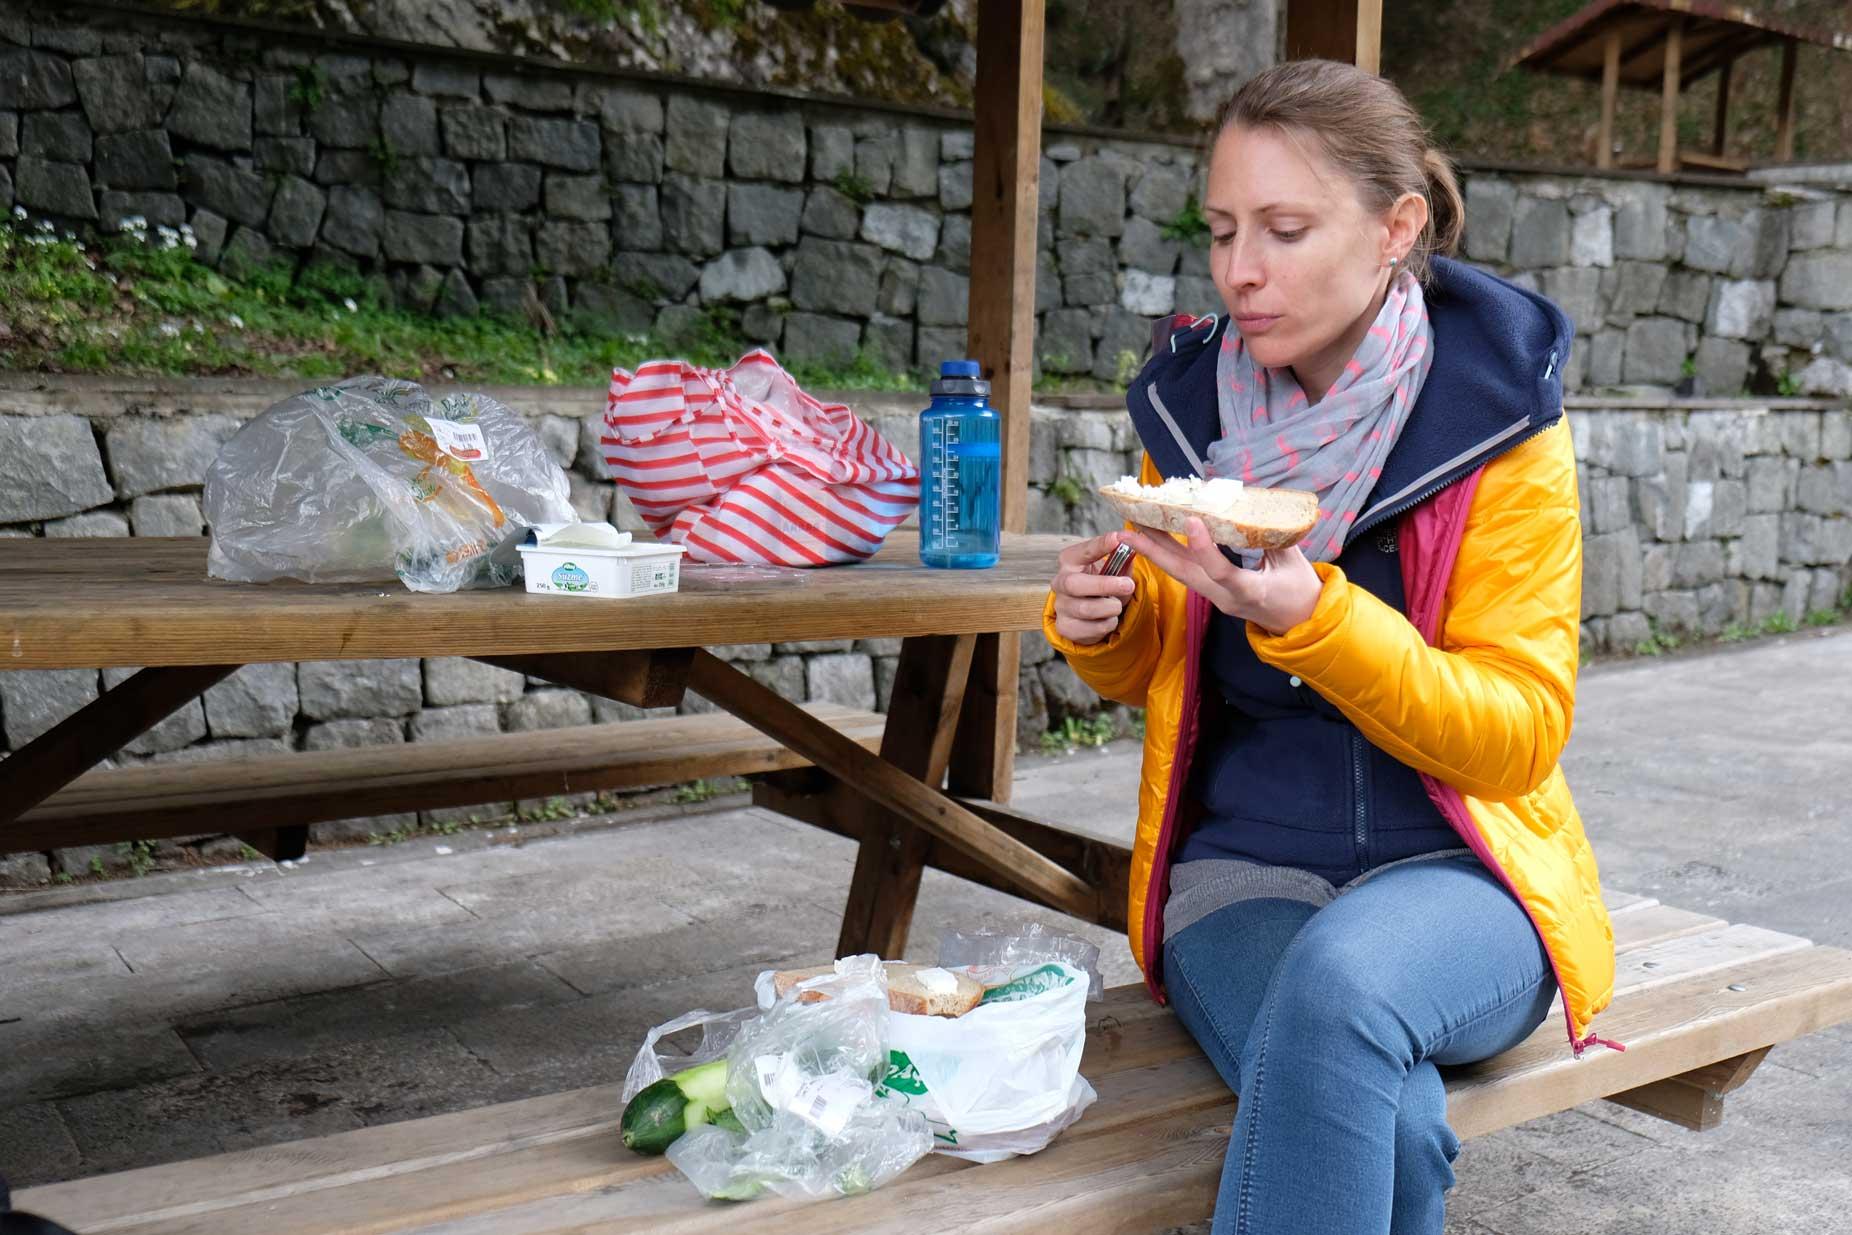 Unser geschätztes Mittagessen: Brot, Oliven, Käse, Gurke. Und zum Trinken gibt's Ayran.